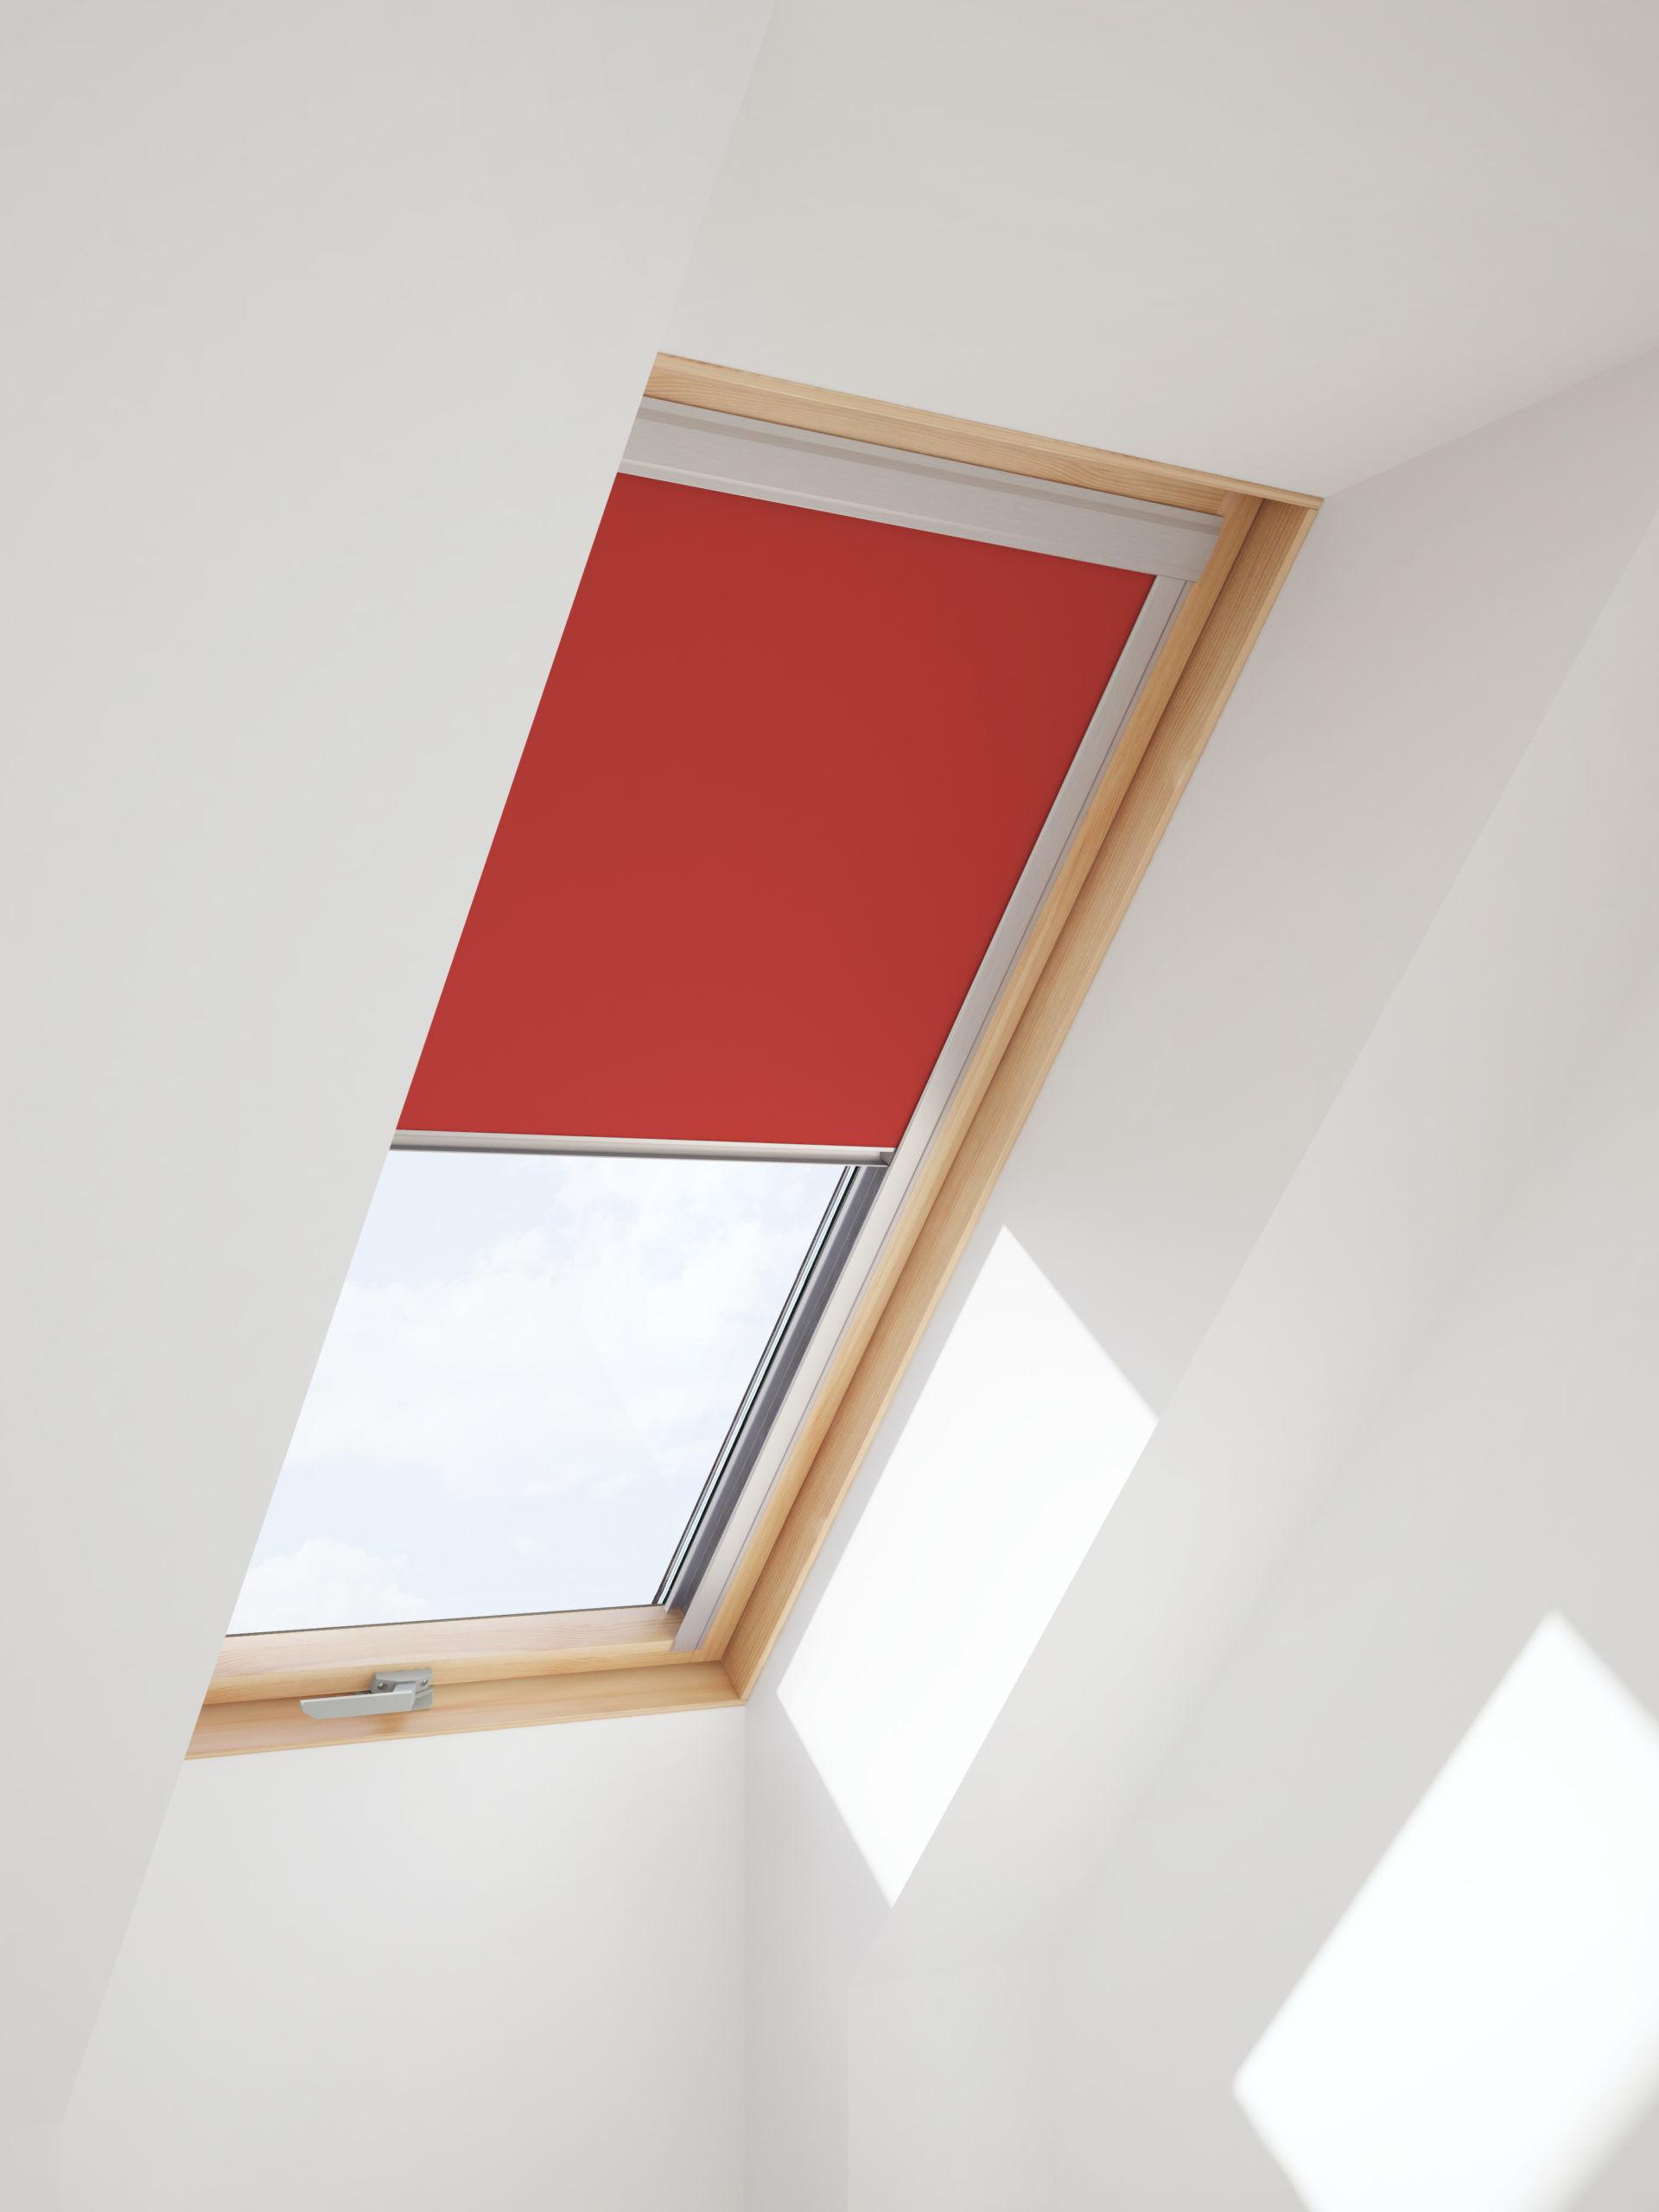 ROLETA ZACIEMNIAJĄCA ROOFART DUR - kolor 4213 (czerwony) - 66x118 F6A